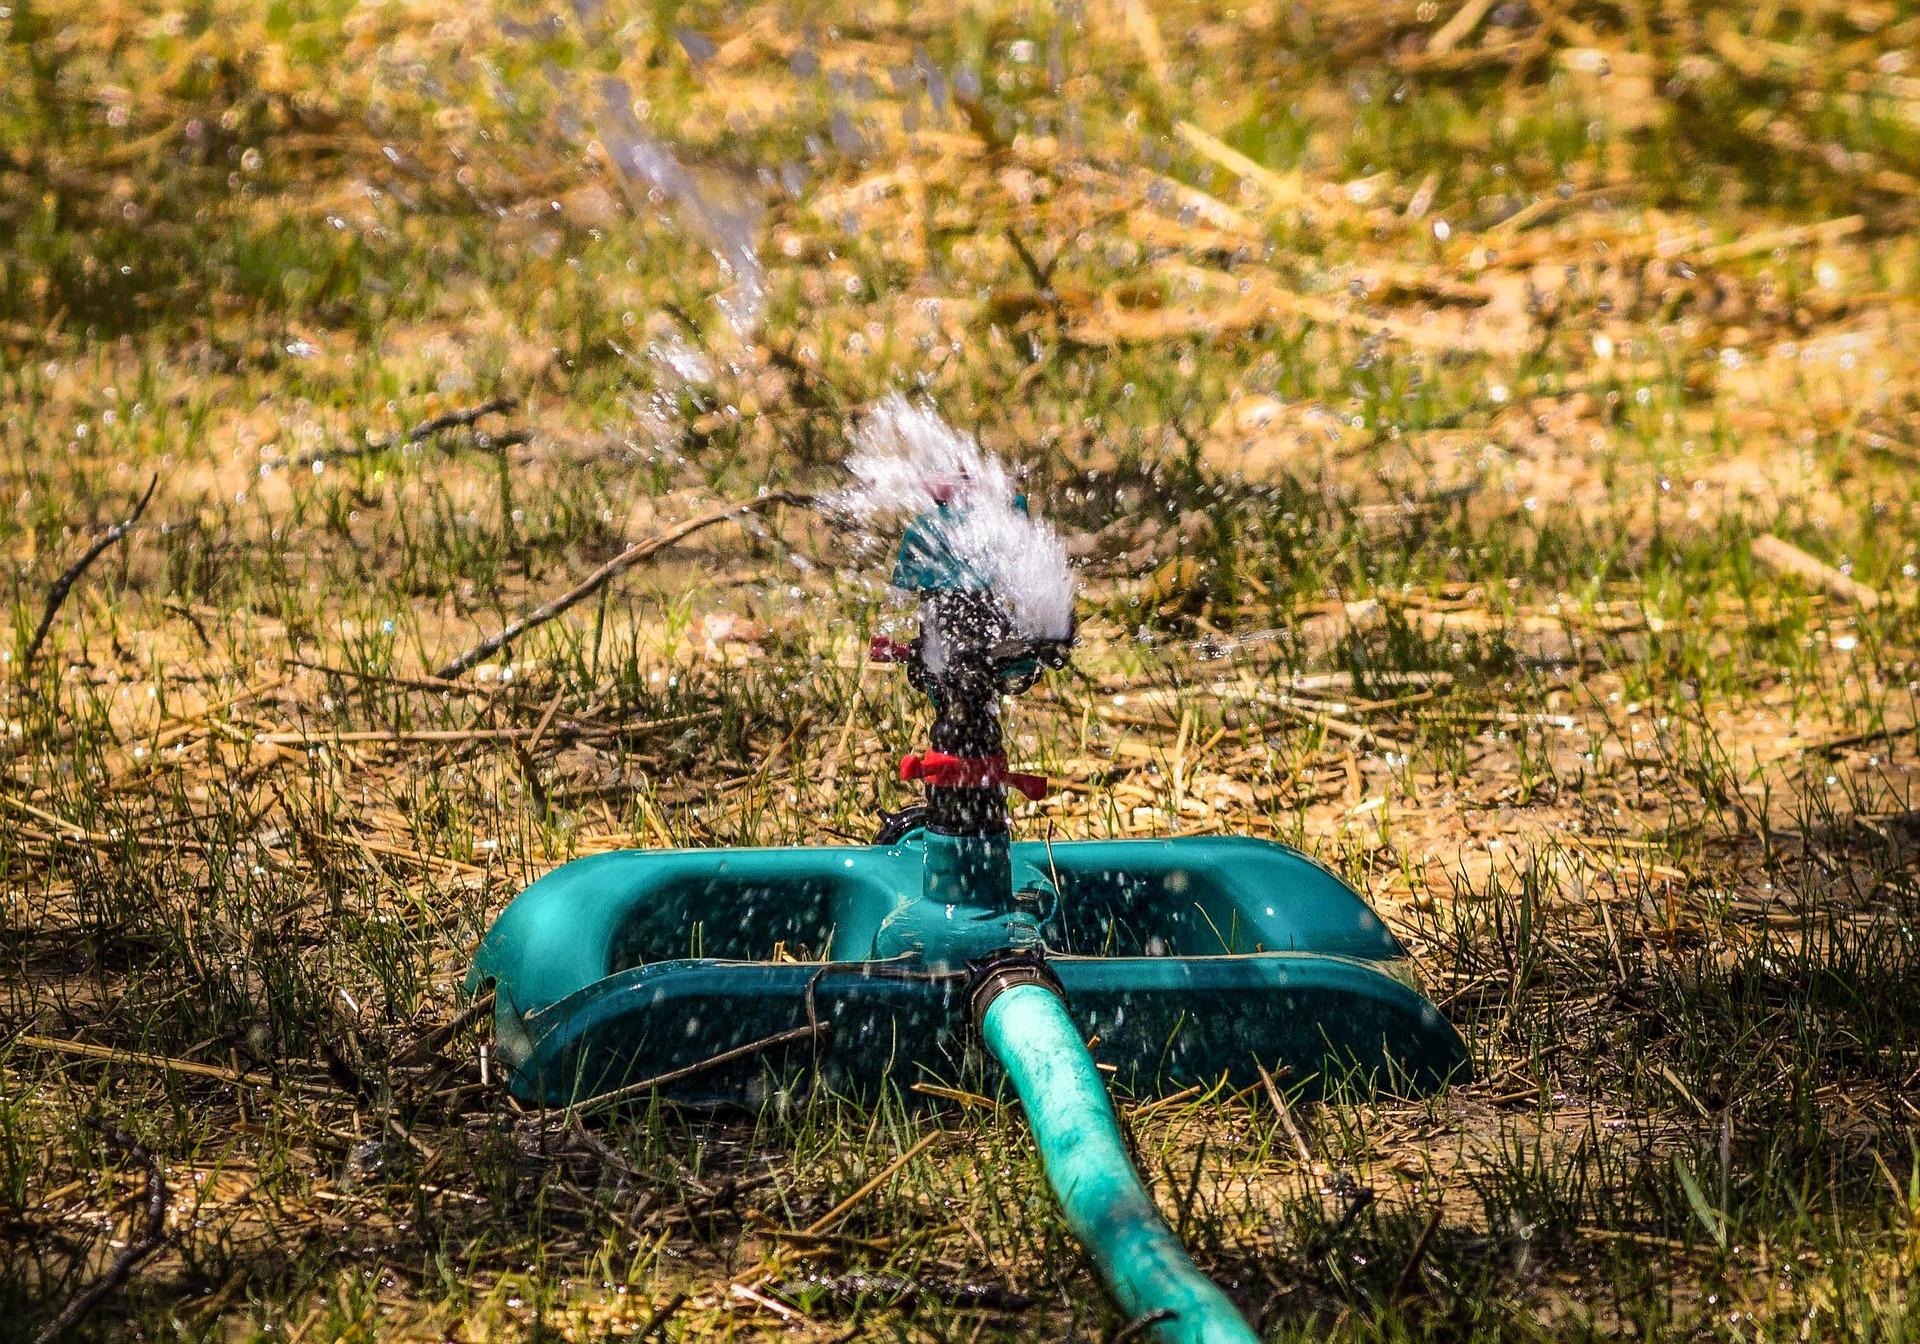 sistema de riego de jardín